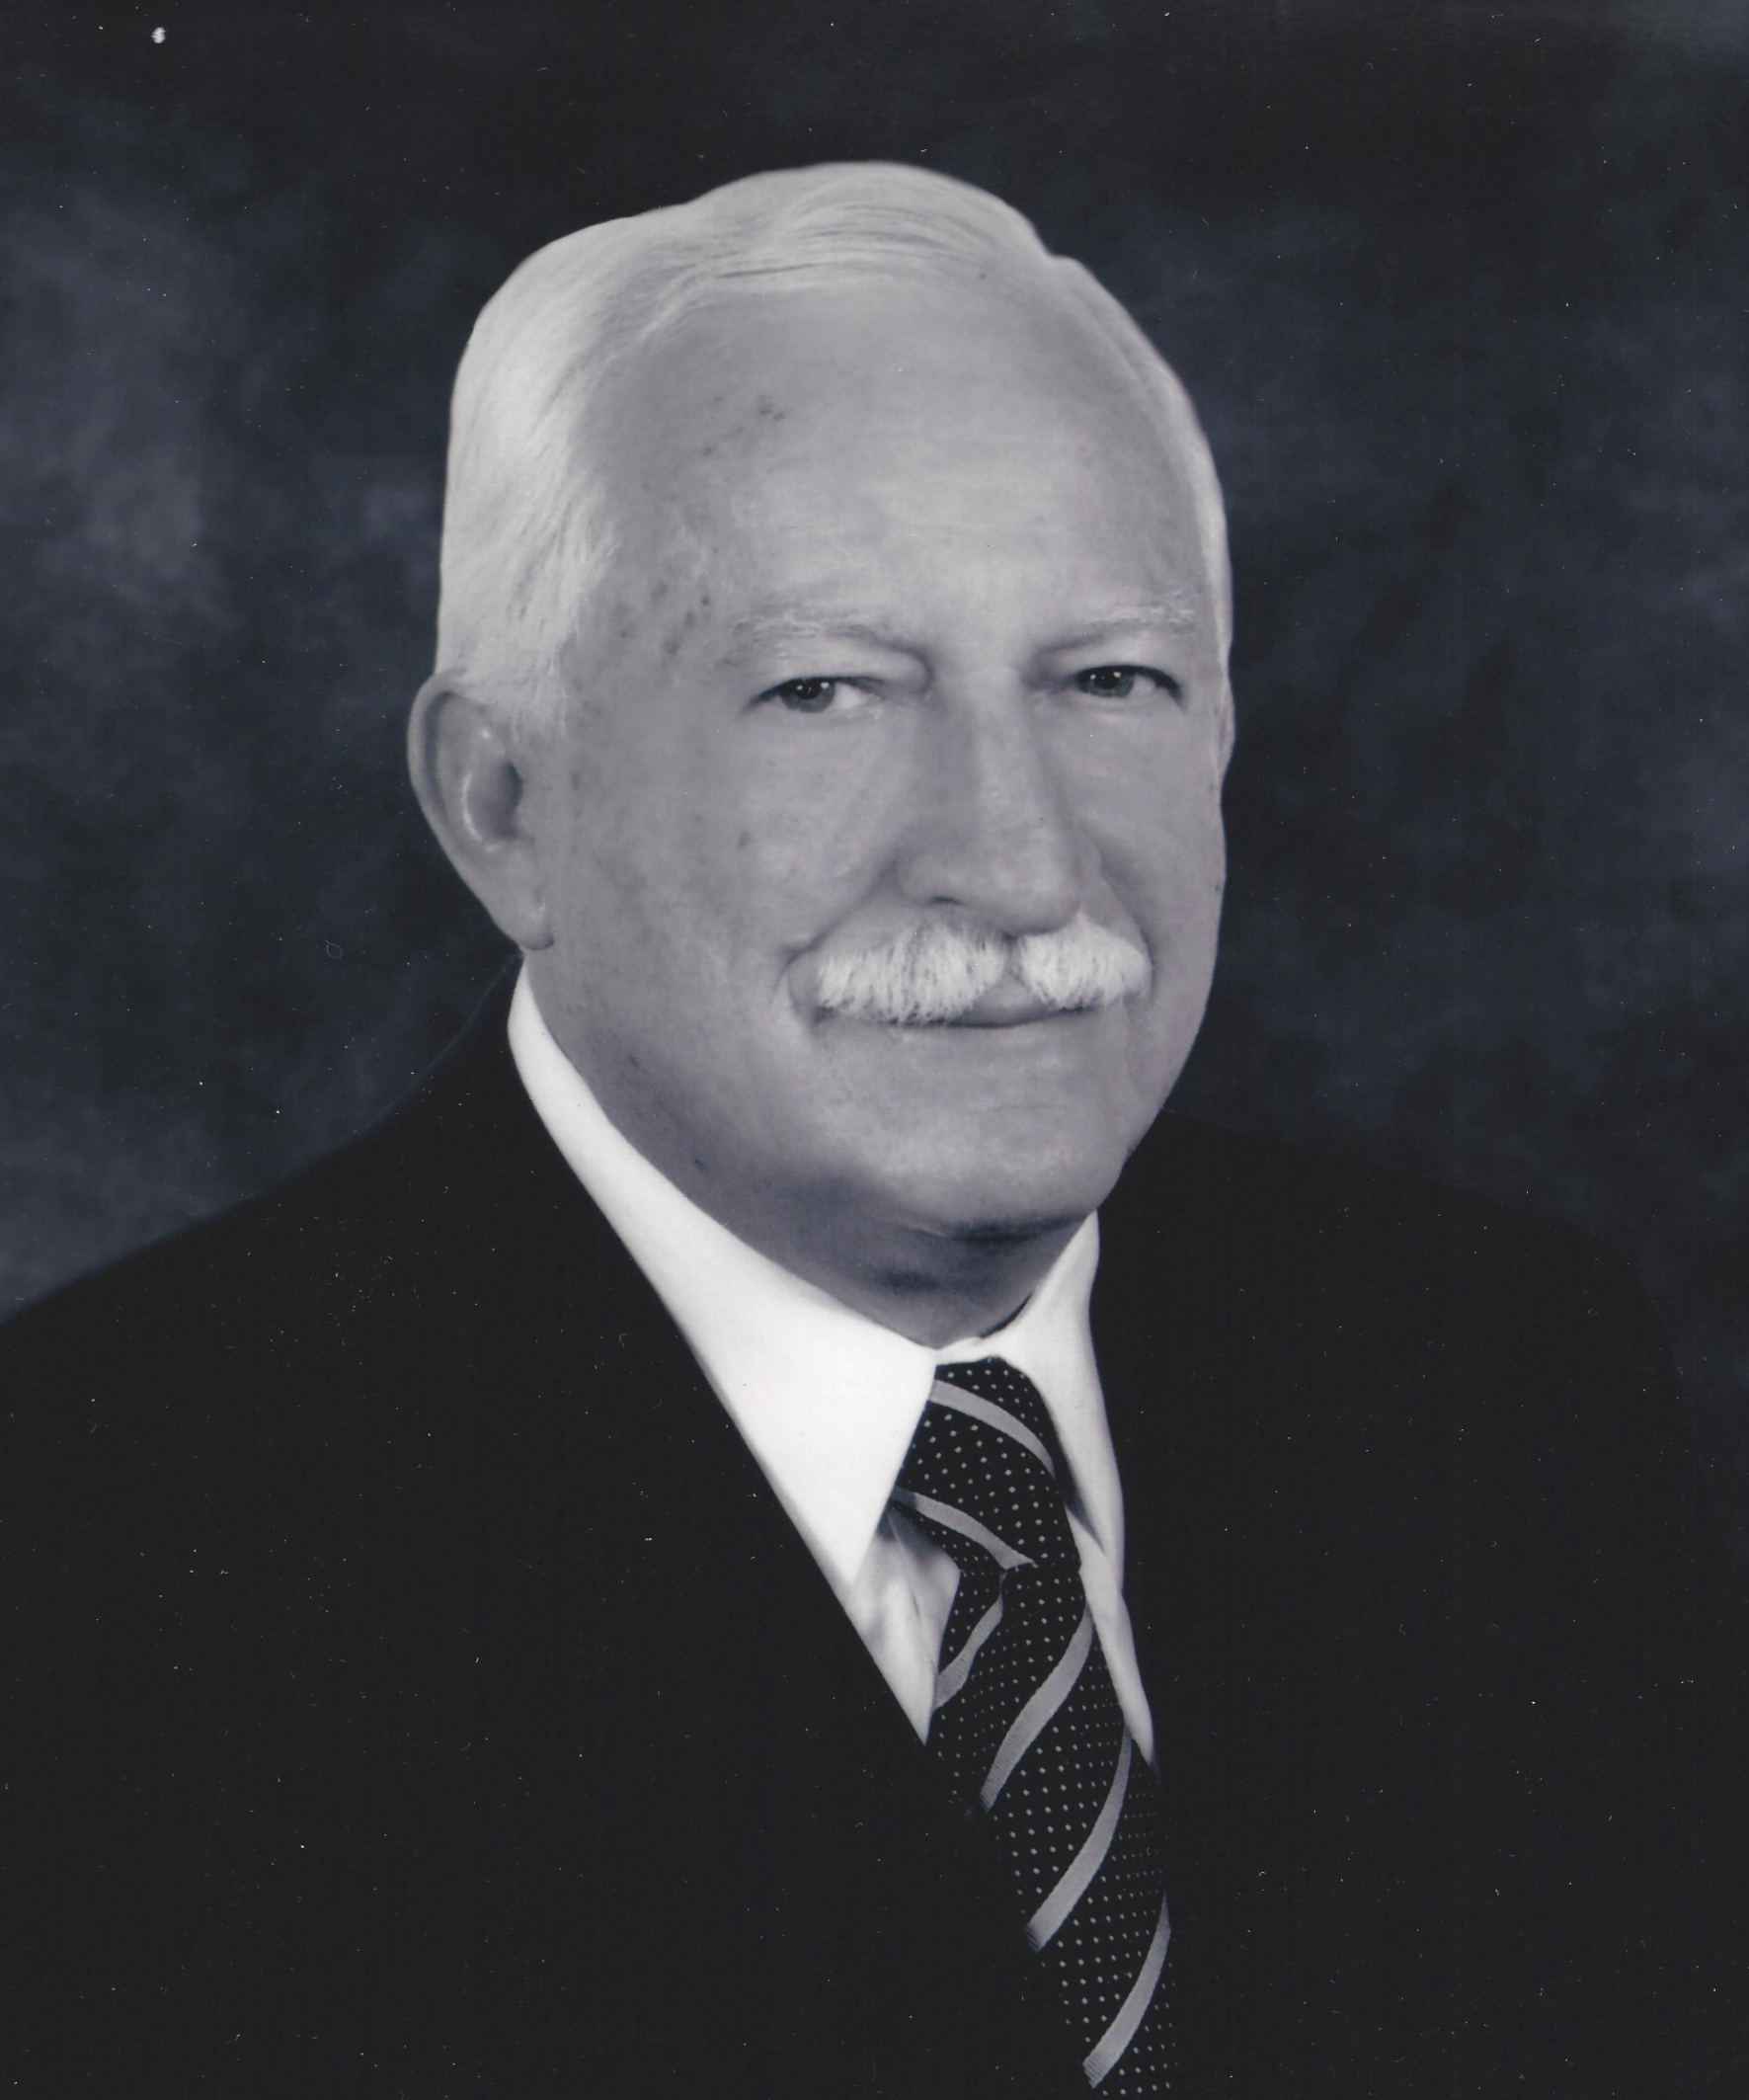 SR. MIGUEL ÁNGEL CABELLO GONZÁLEZ